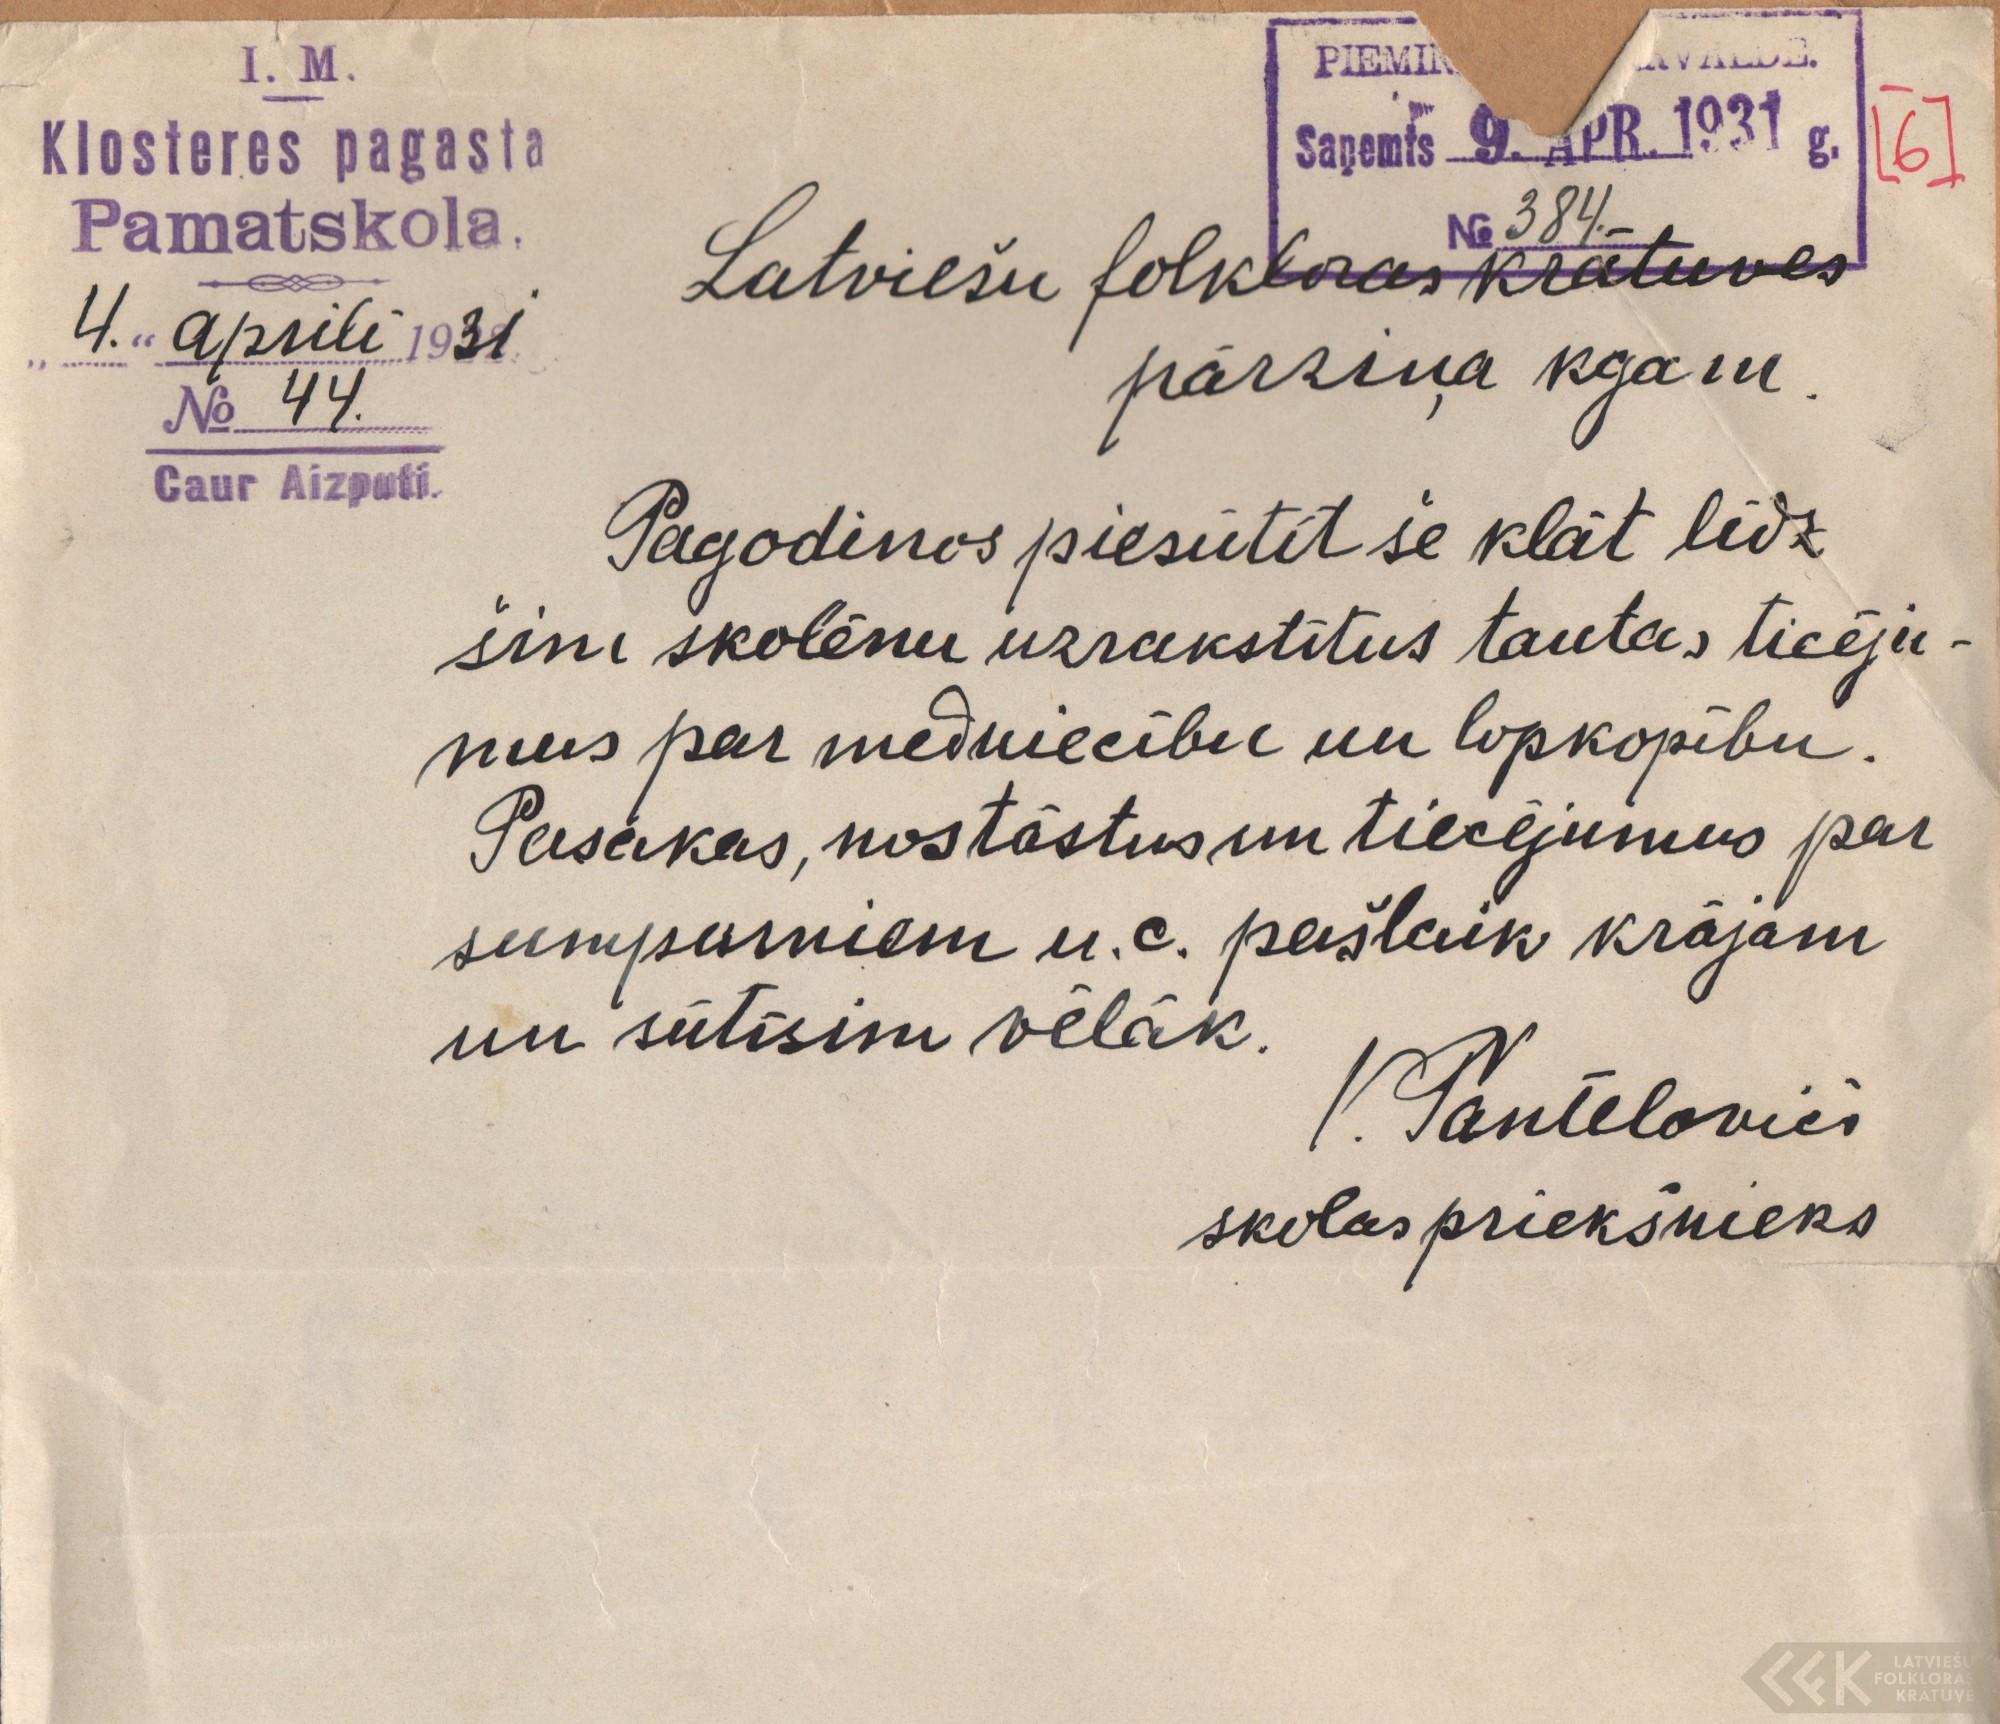 0006-Klosteres-pamatskola-0001